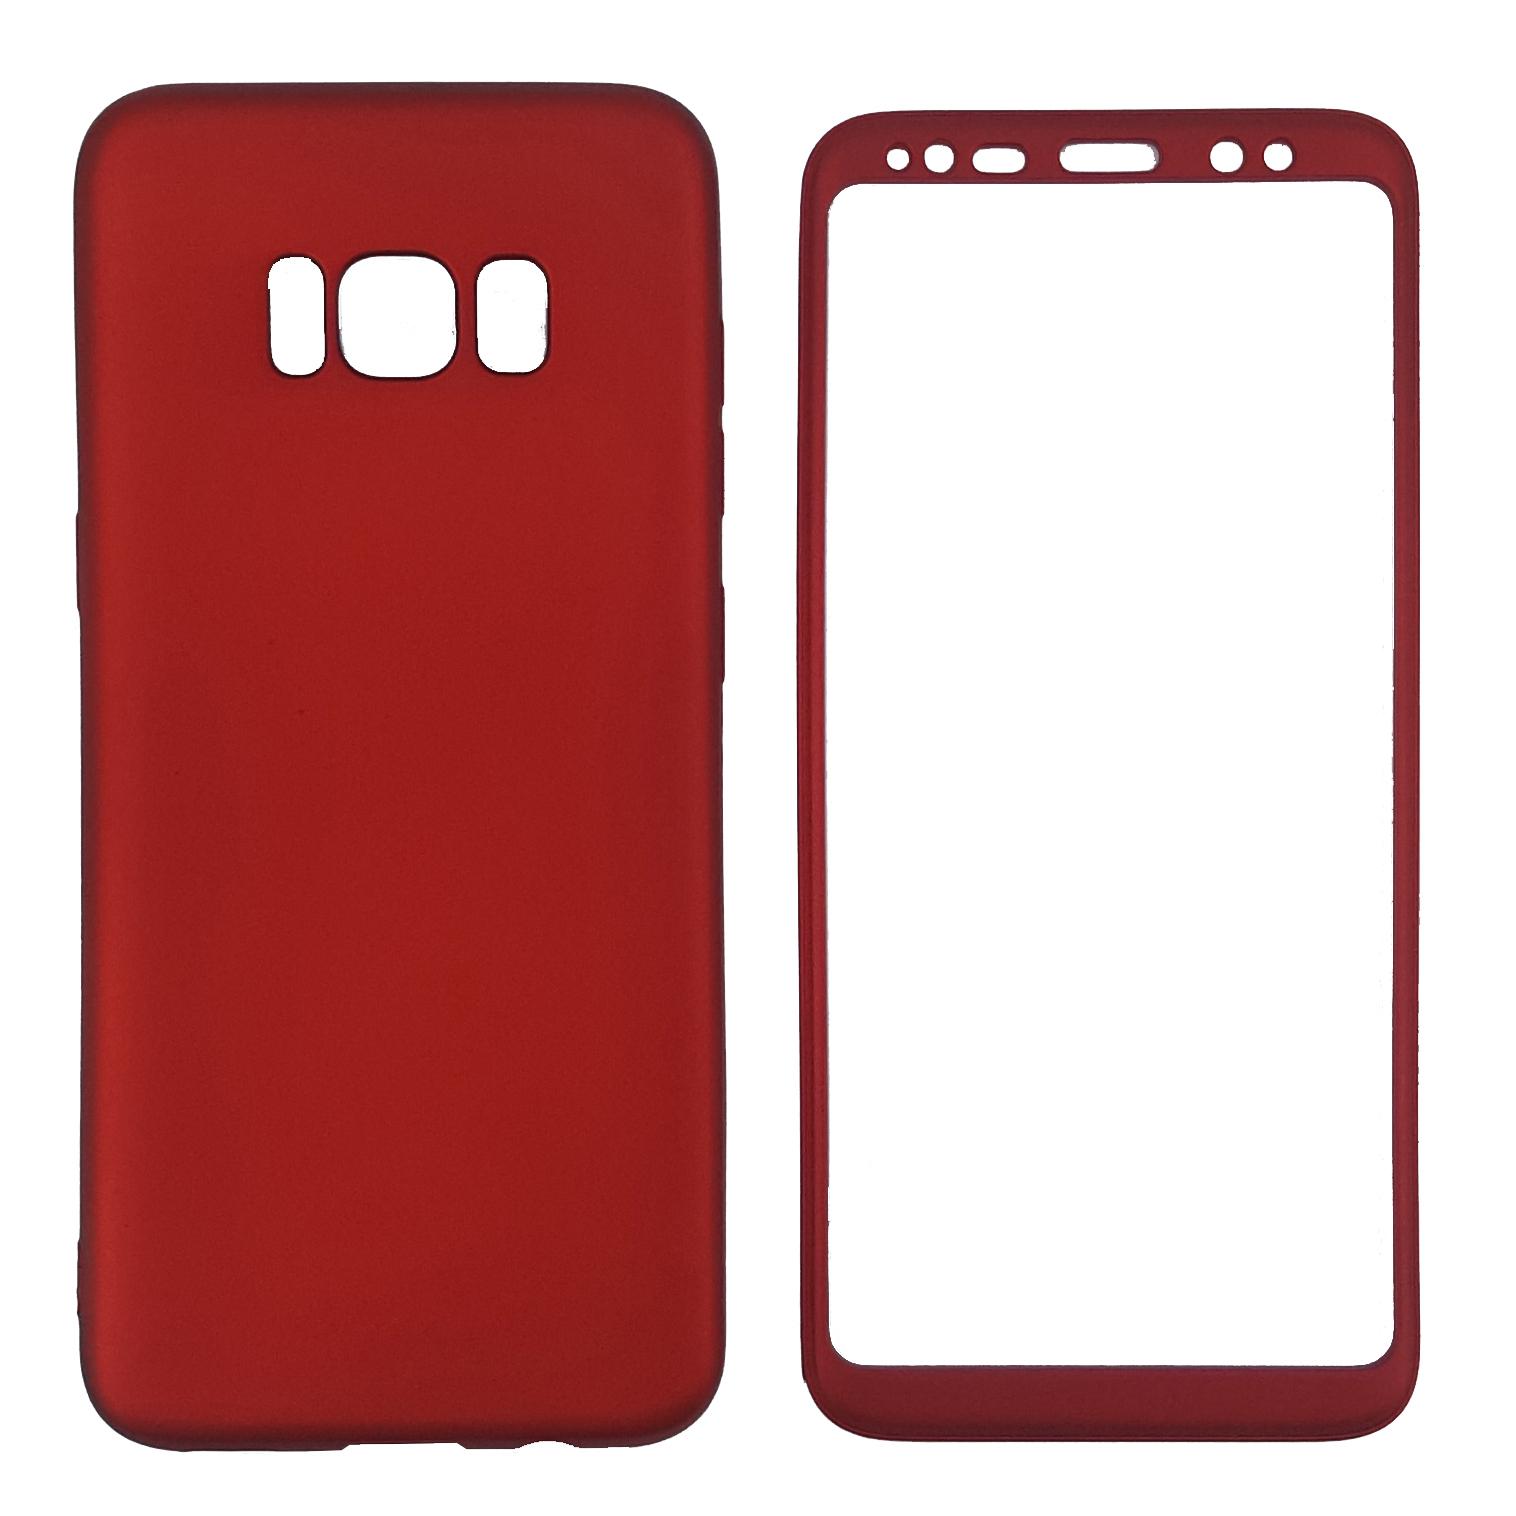 کاور 360 درجه مدل SA226 مناسب برای گوشی موبایل سامسونگ Galaxy S8